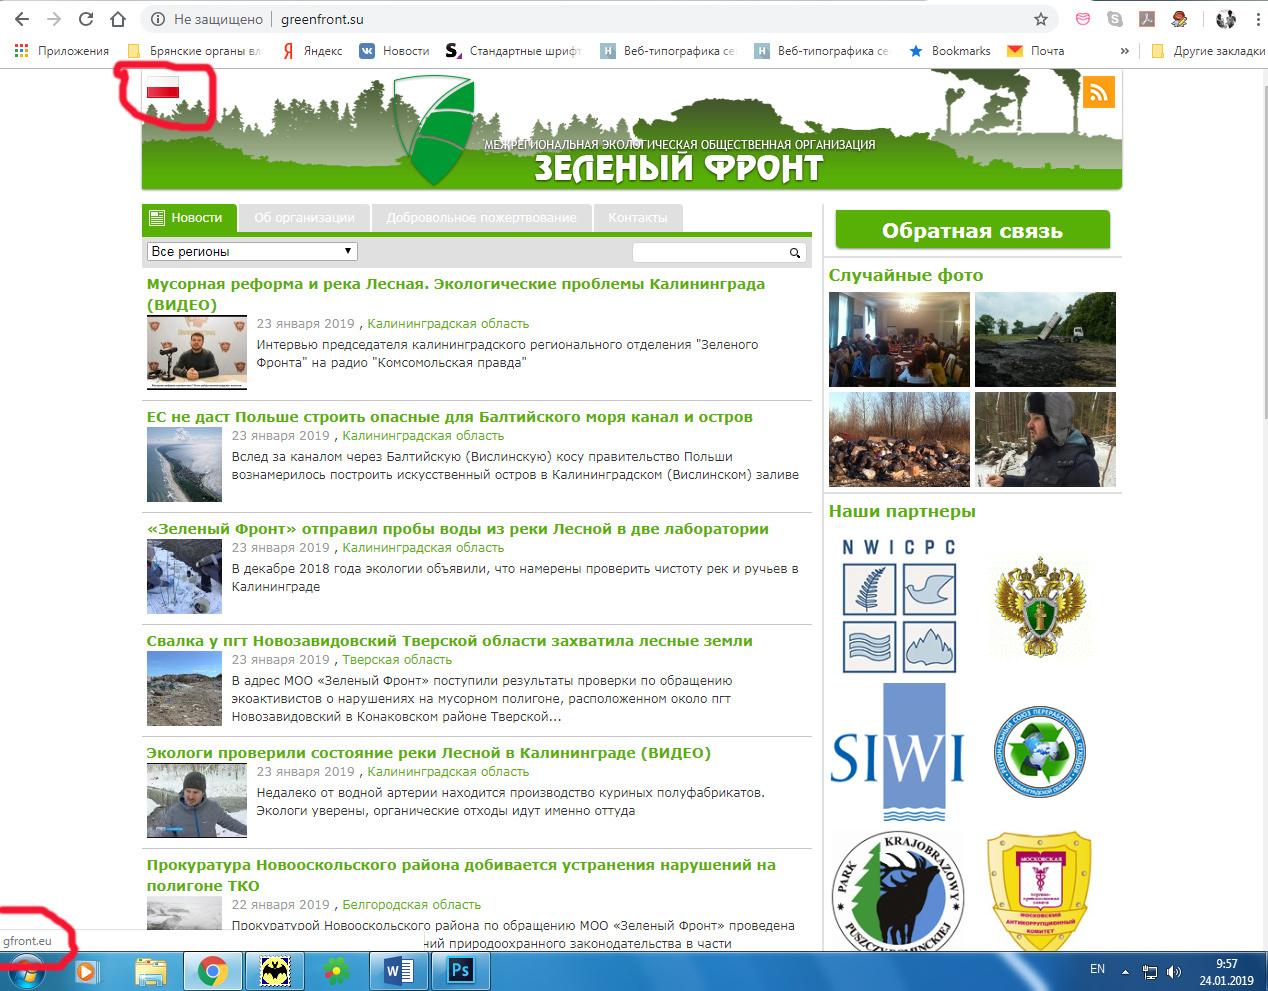 Нетрадиционная эко-ориентация: «Зелёный фронт» рекламирует гей-сайт?